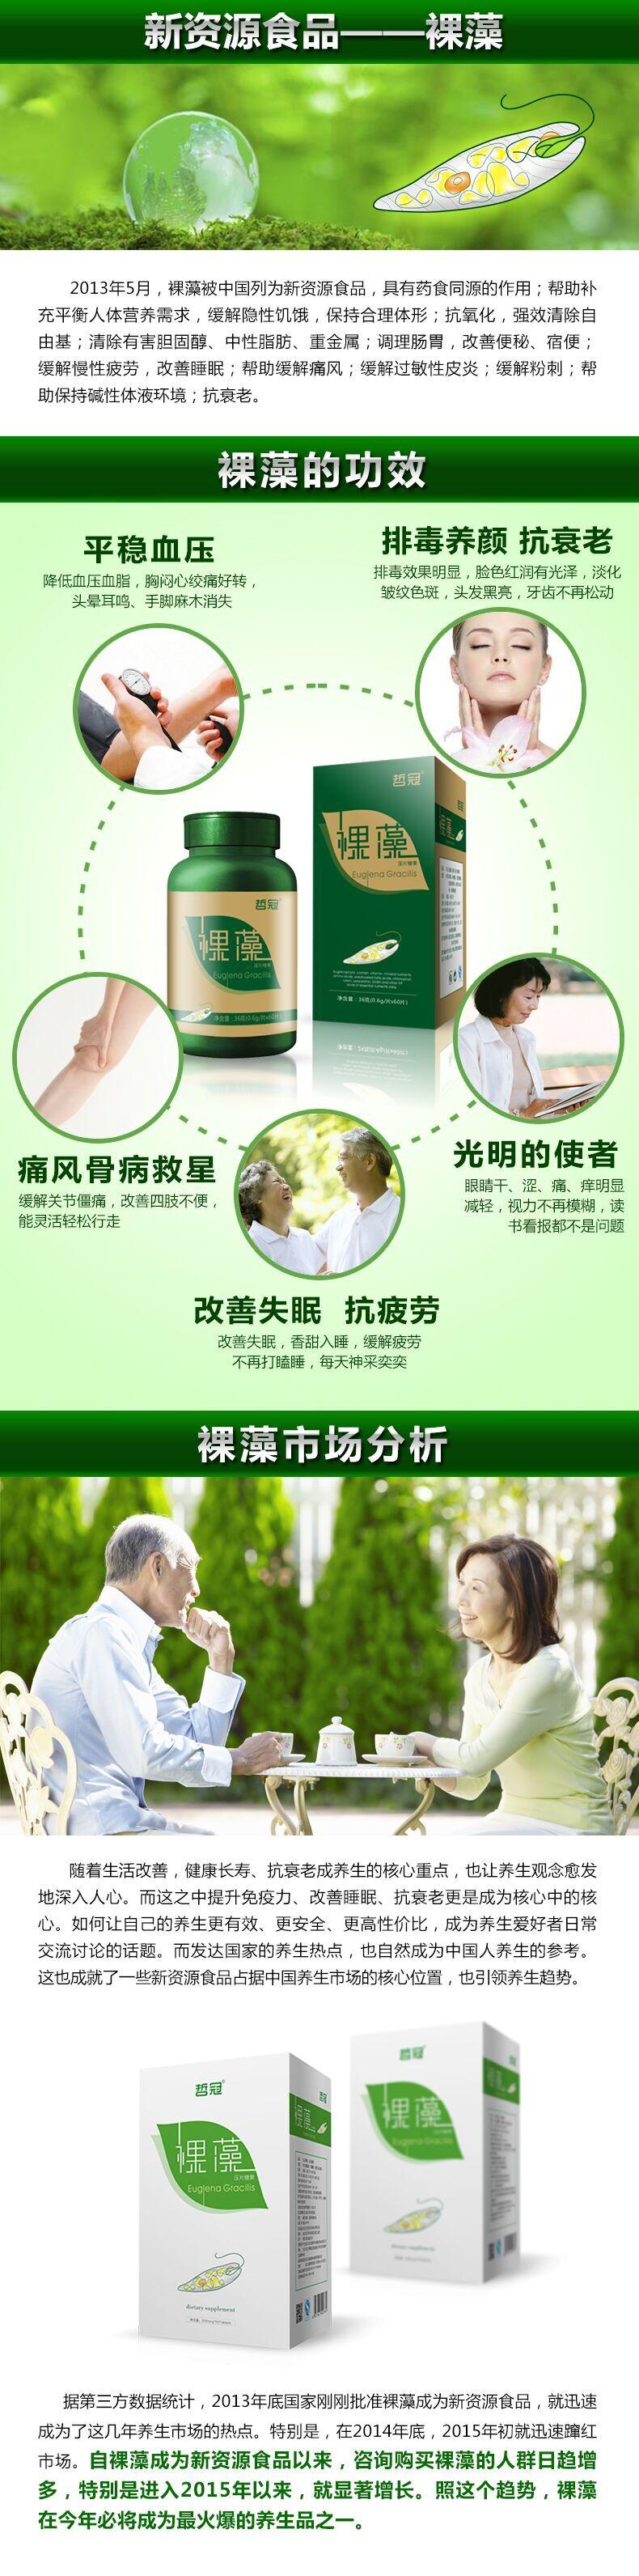 辣木片 免费发布提高免疫力保健品信息